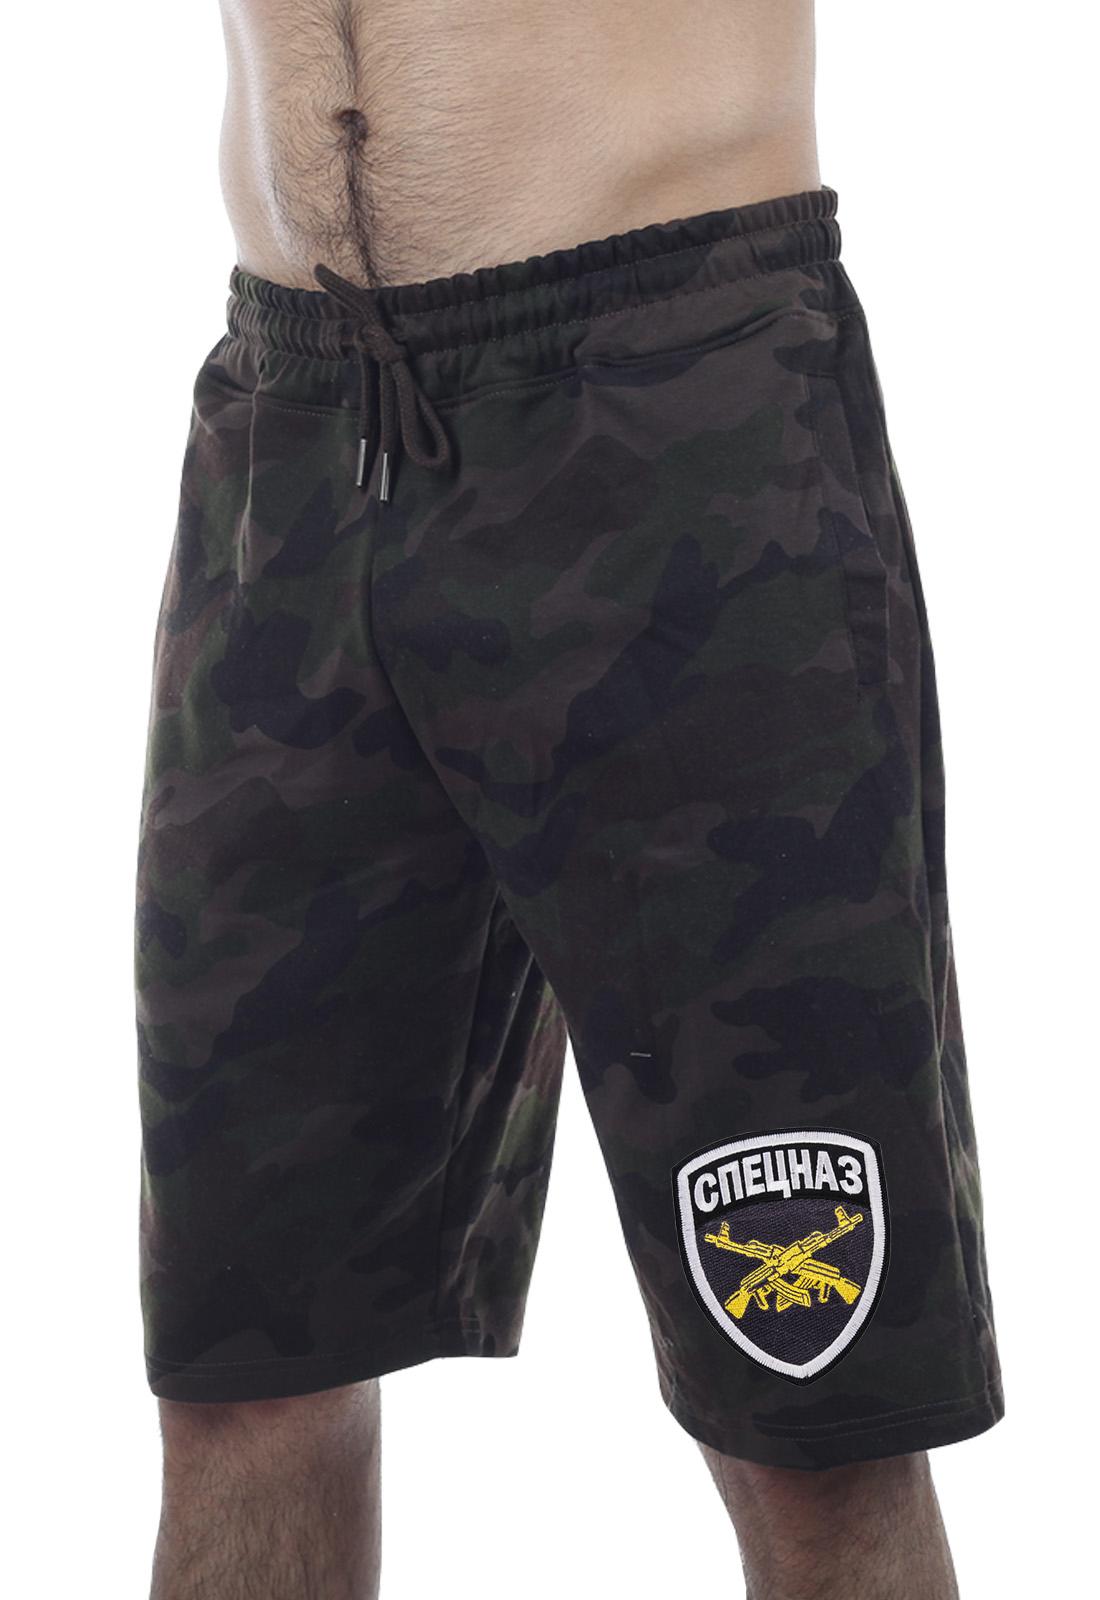 Недорогие мужские шорты Спецназа с поясом-резинкой